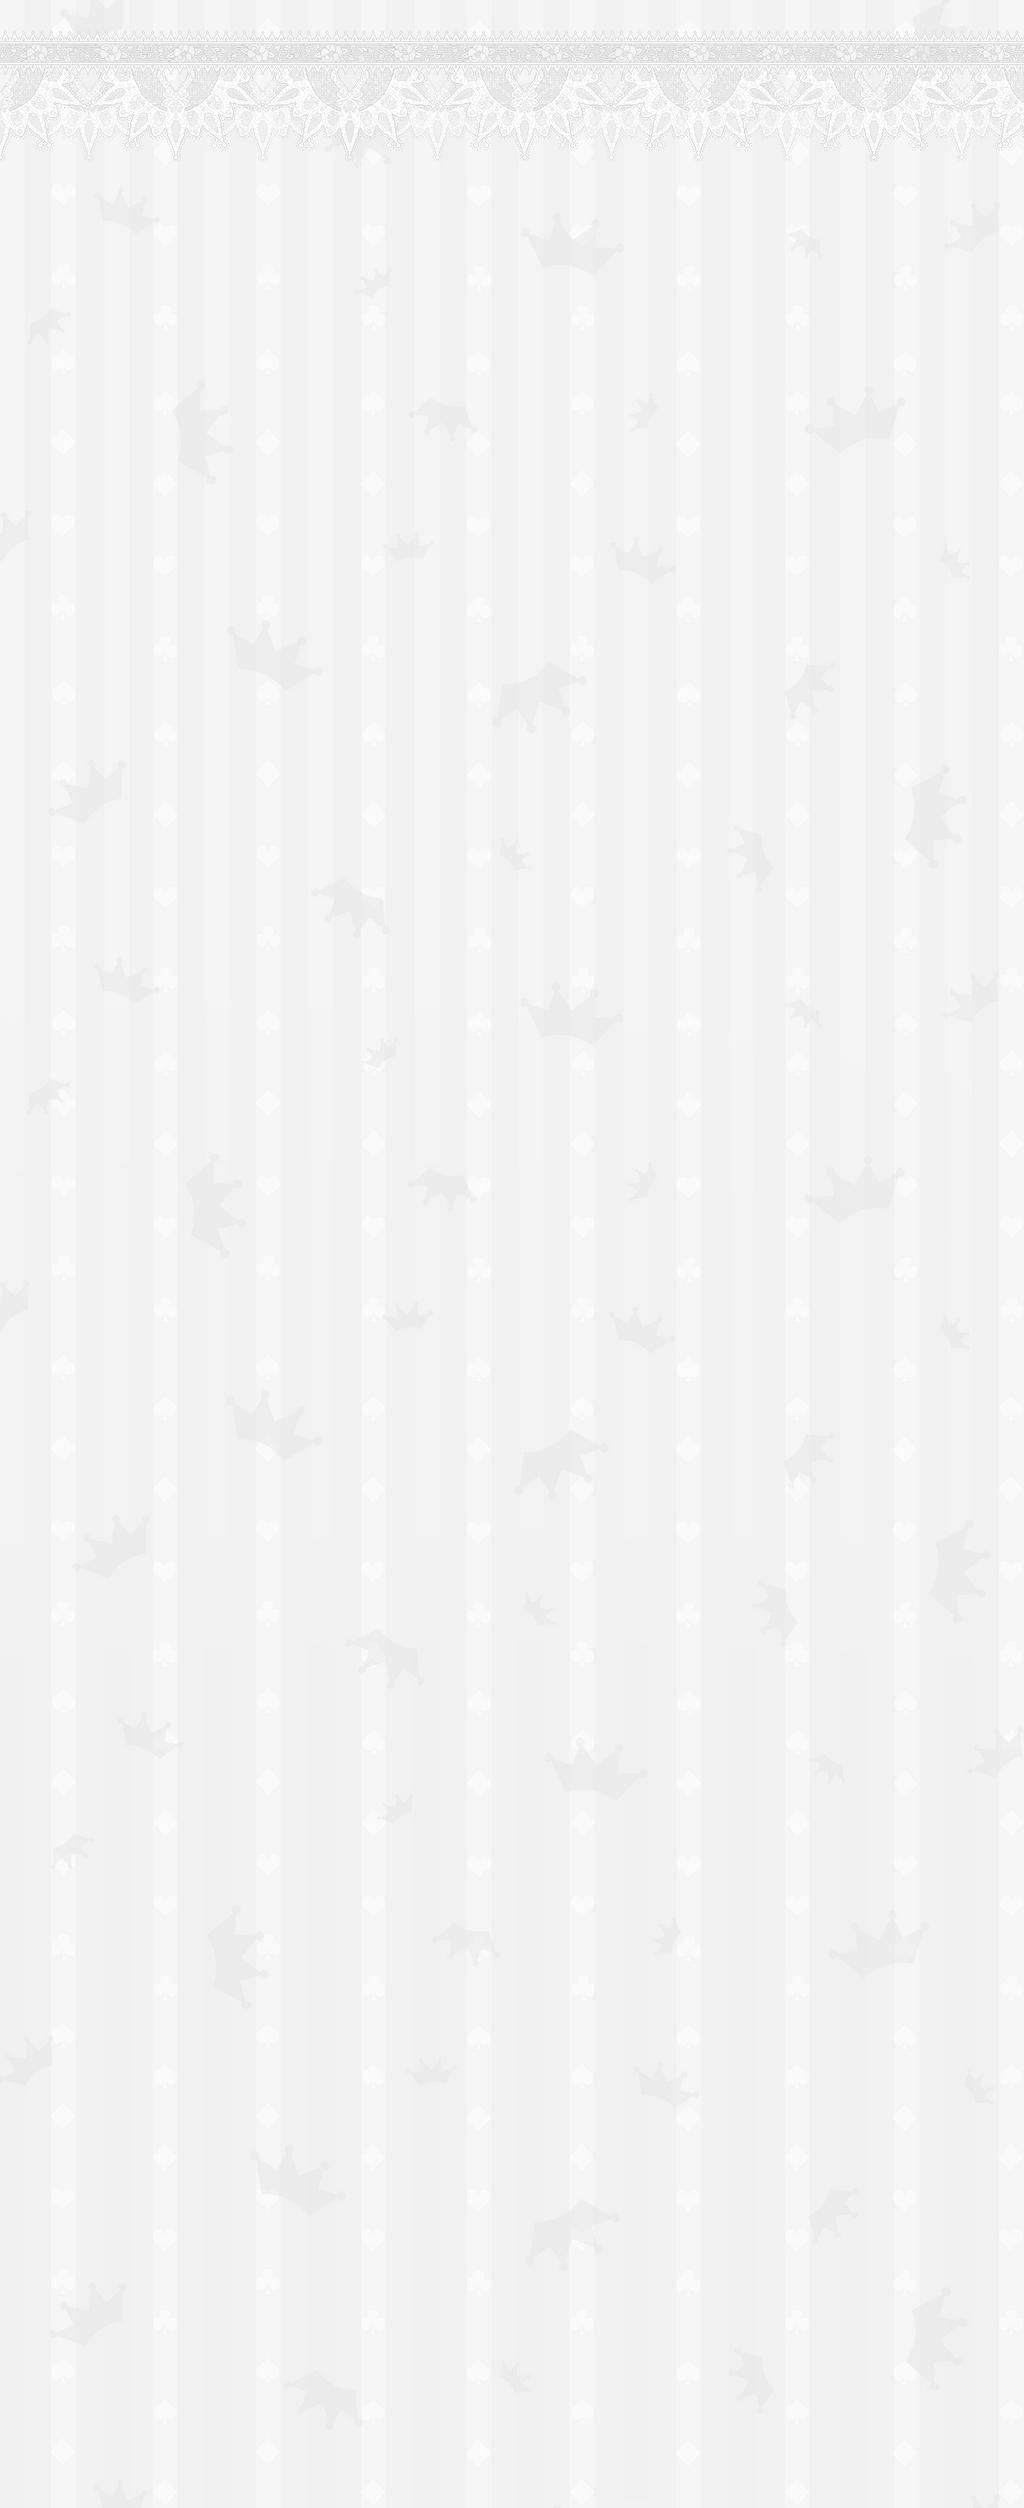 FREE Grey Lace Custom Box BG by bailulu